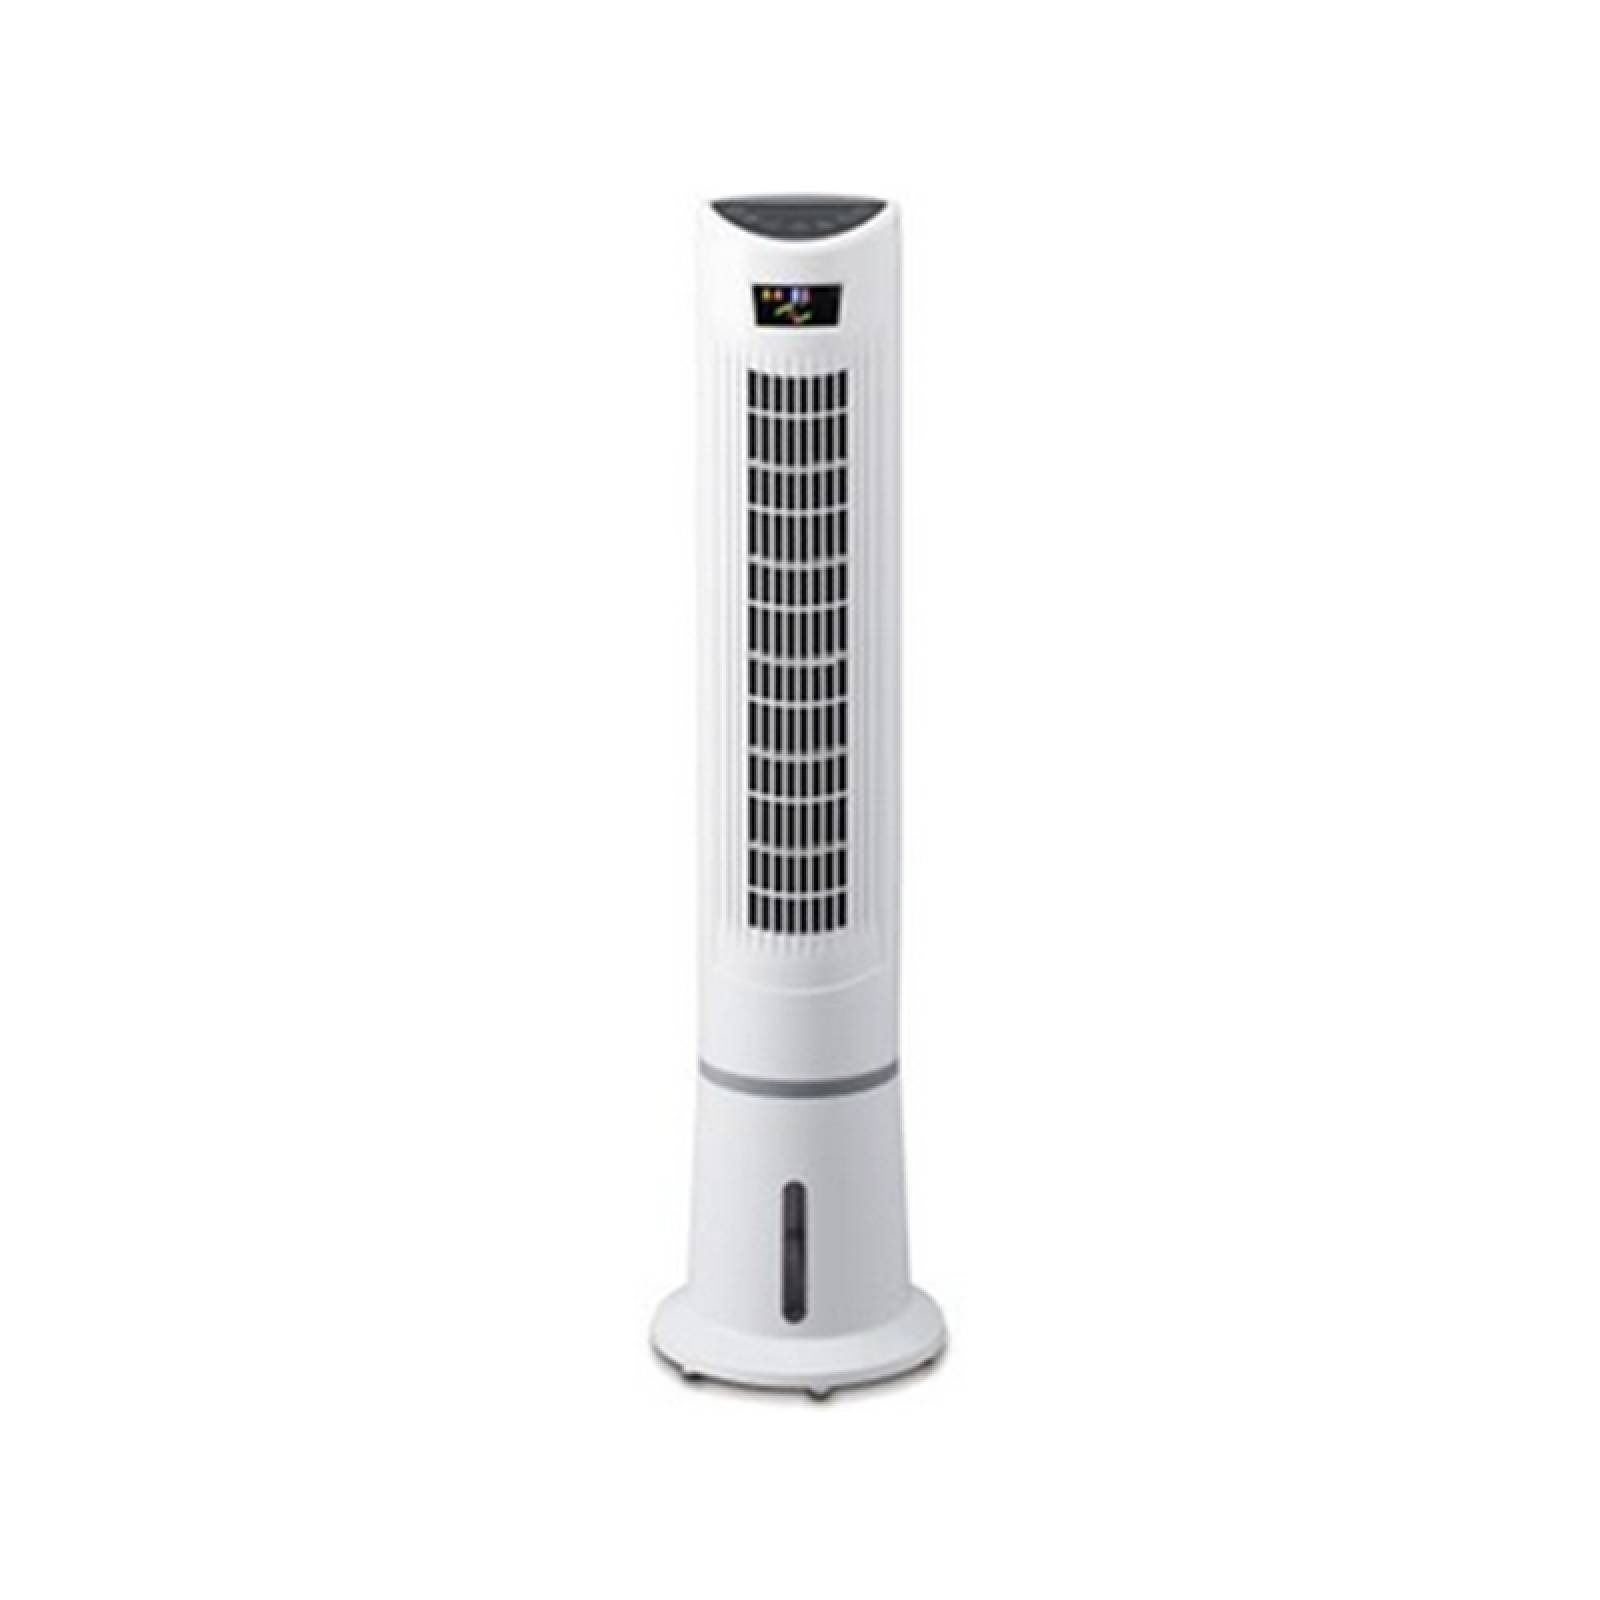 Enfriador Humidificador y Purificador Portatil Torre Frikko